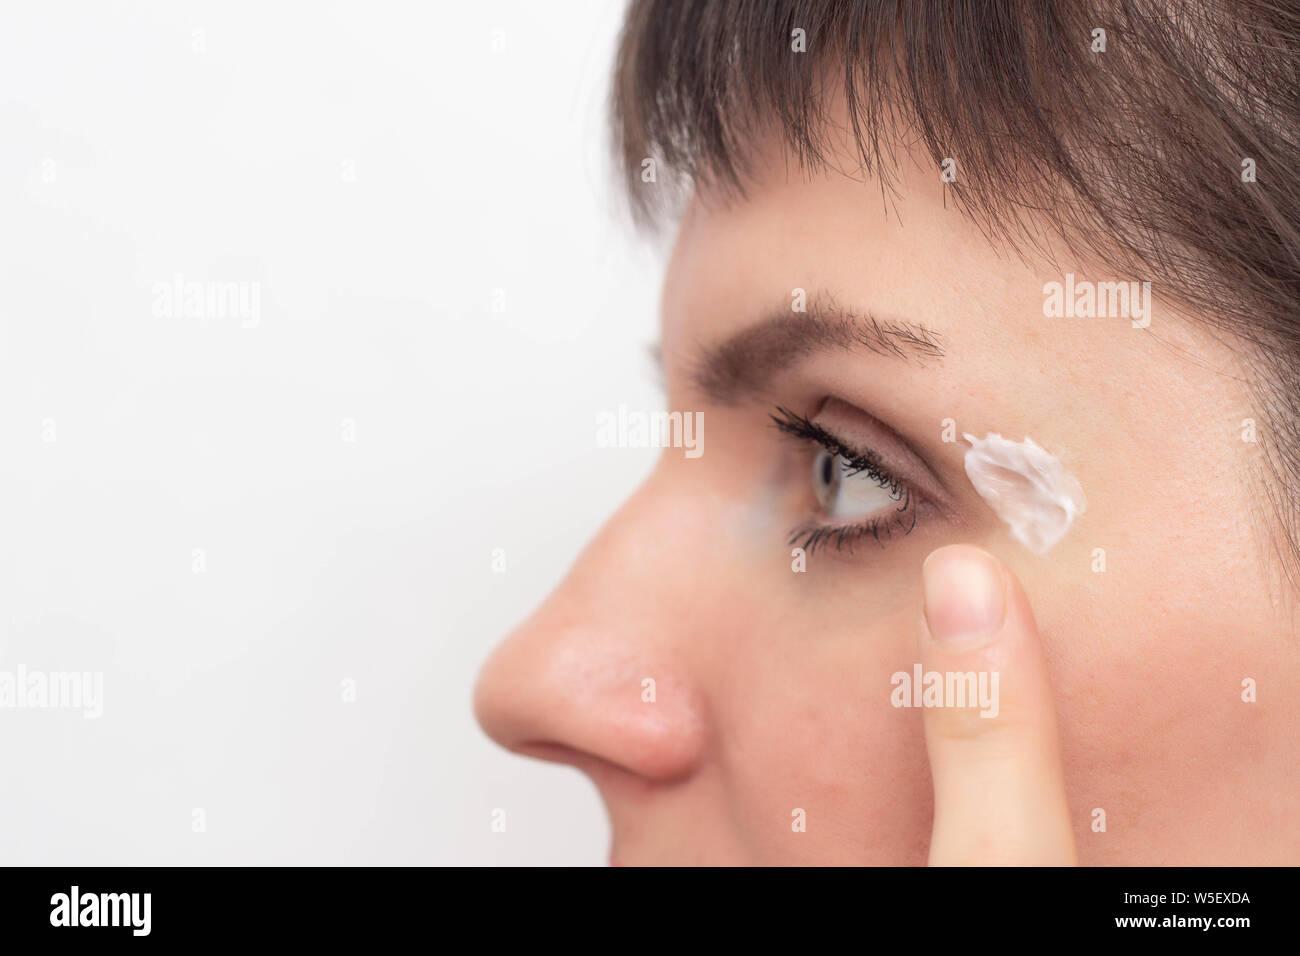 Das Mädchen Mit Eine Heilende Creme Und Salbe Eine Narbe Und Eine Narbe Im Gesicht Für Heilung Die Behandlung Von Narben Kopieren Problem Stockfotografie Alamy